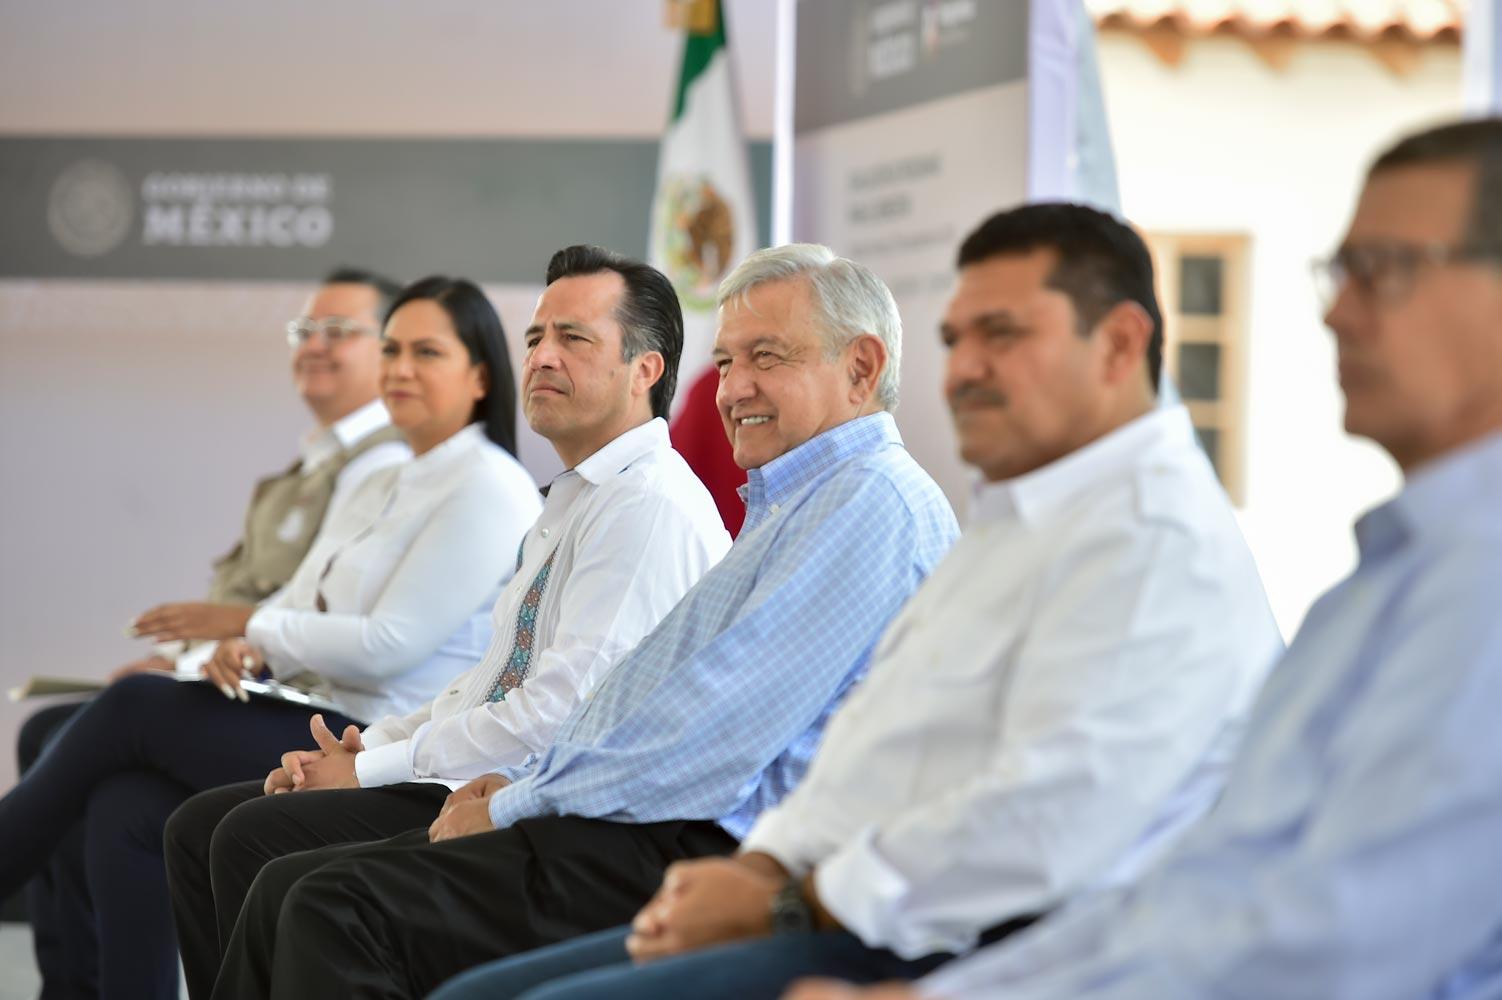 Confirma AMLO asistencia a  conmemoración de los 200 años de la Firma de los Tratados de Córdoba